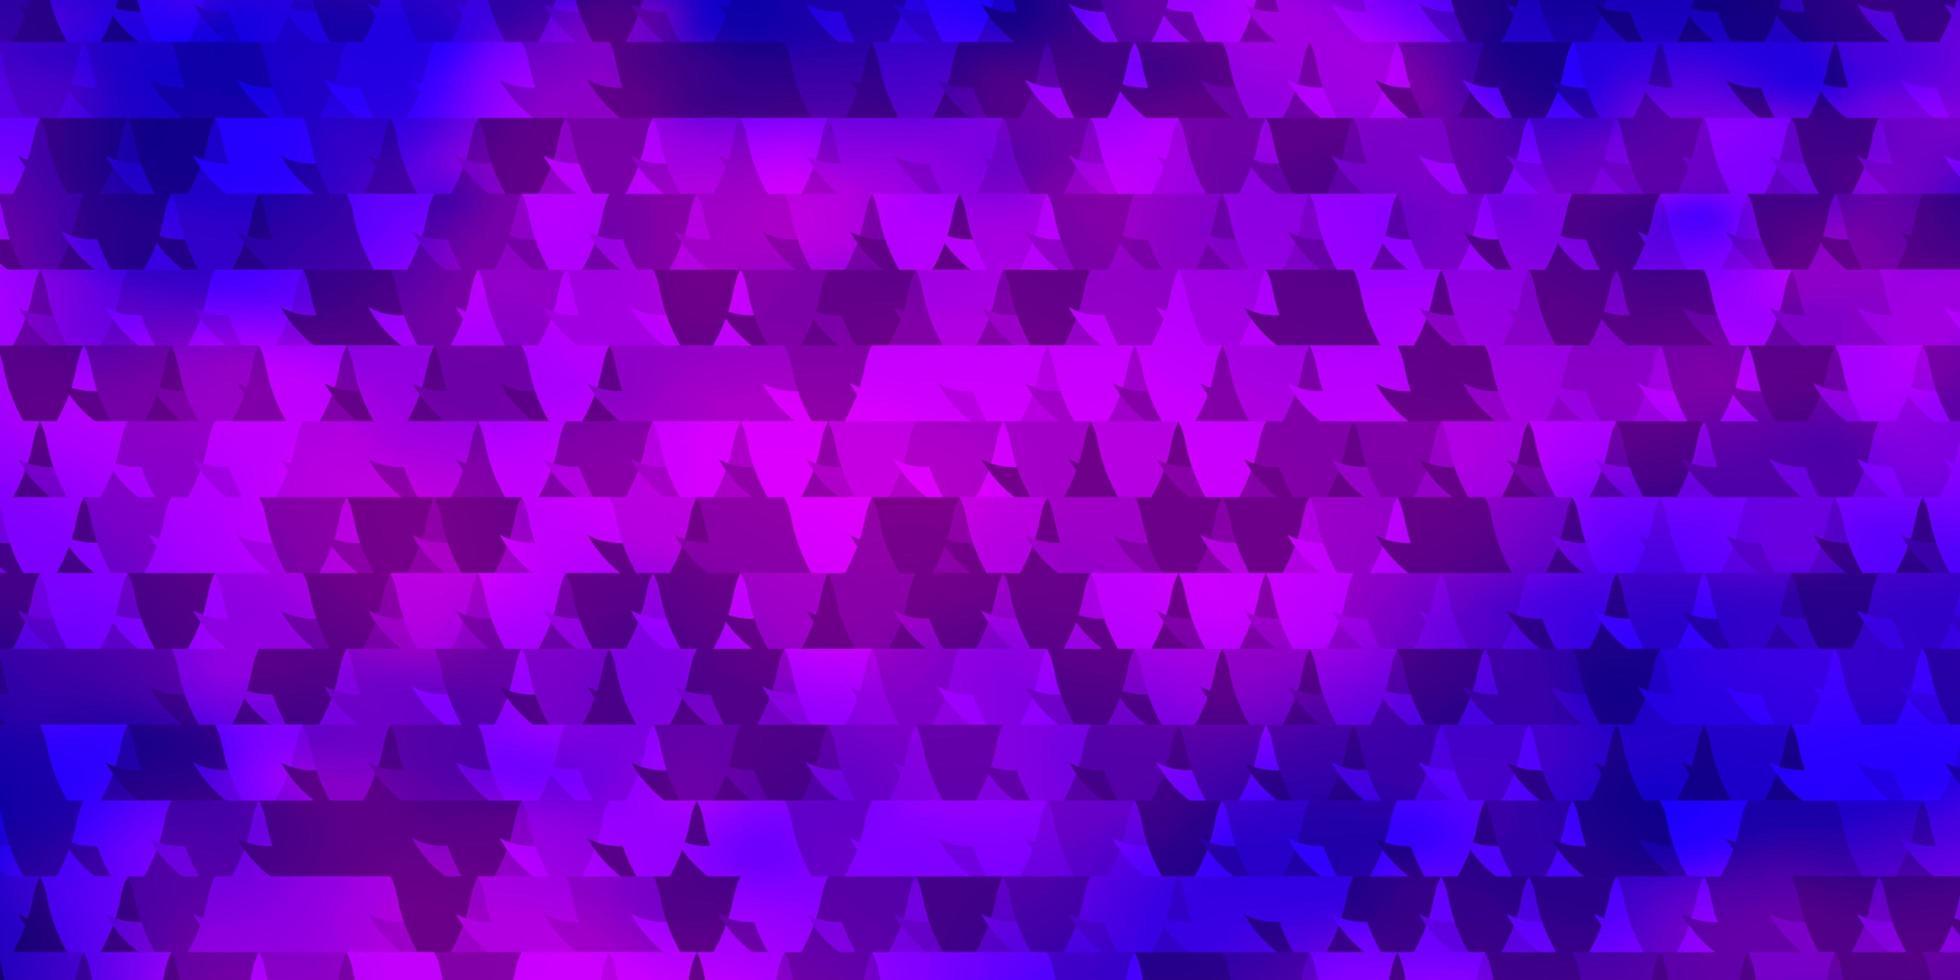 lichtpaarse, roze vector achtergrond met veelhoekige stijl.